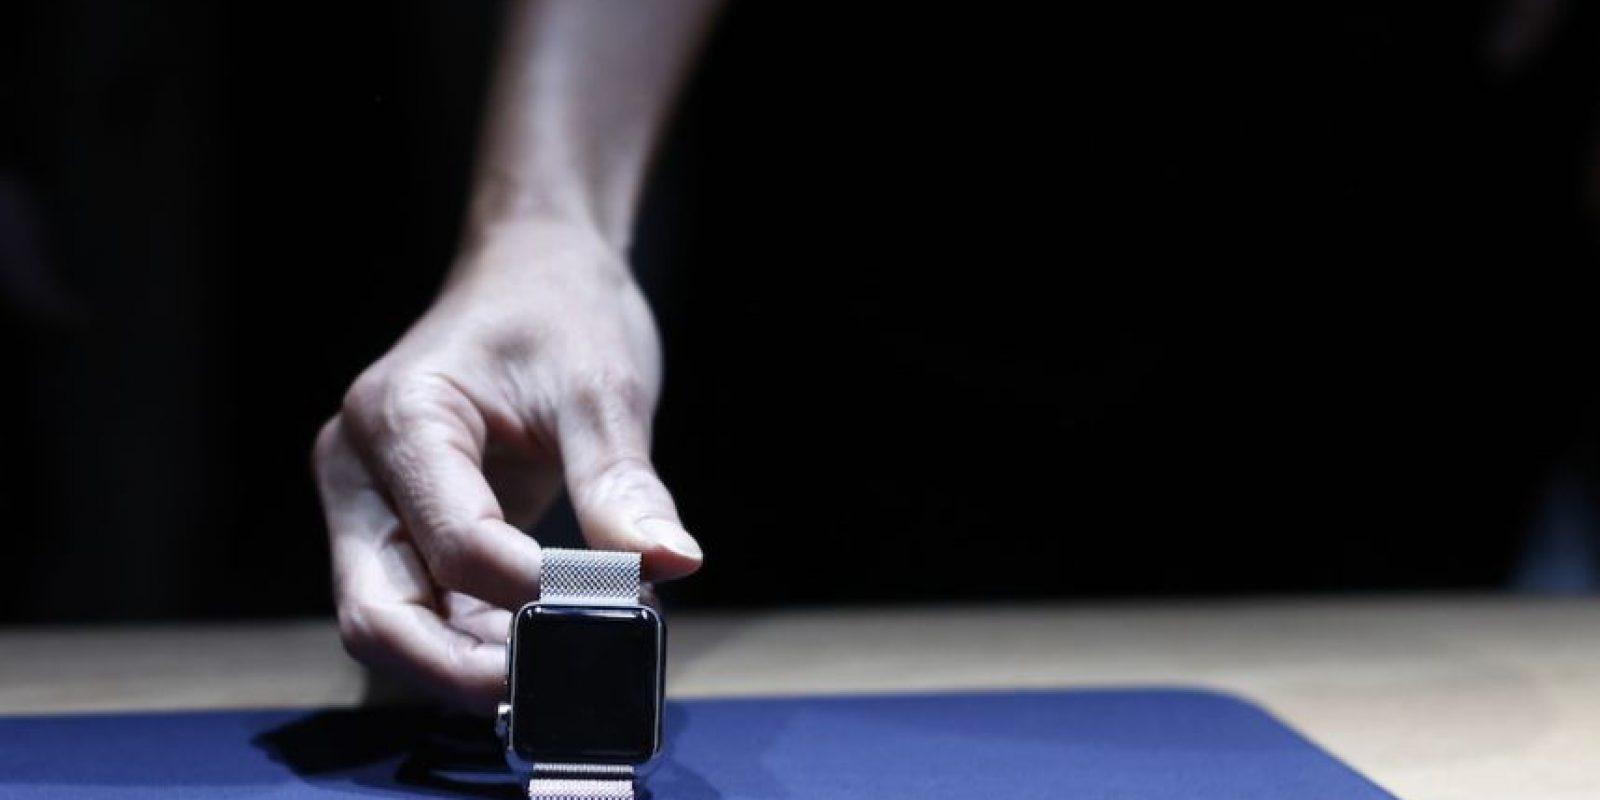 """Afirmó que """"algunos de los desarrolladores más innovadores en el mundo están trabajando en nuevas experiencias para el Apple Watch"""". Foto:Getty Images"""